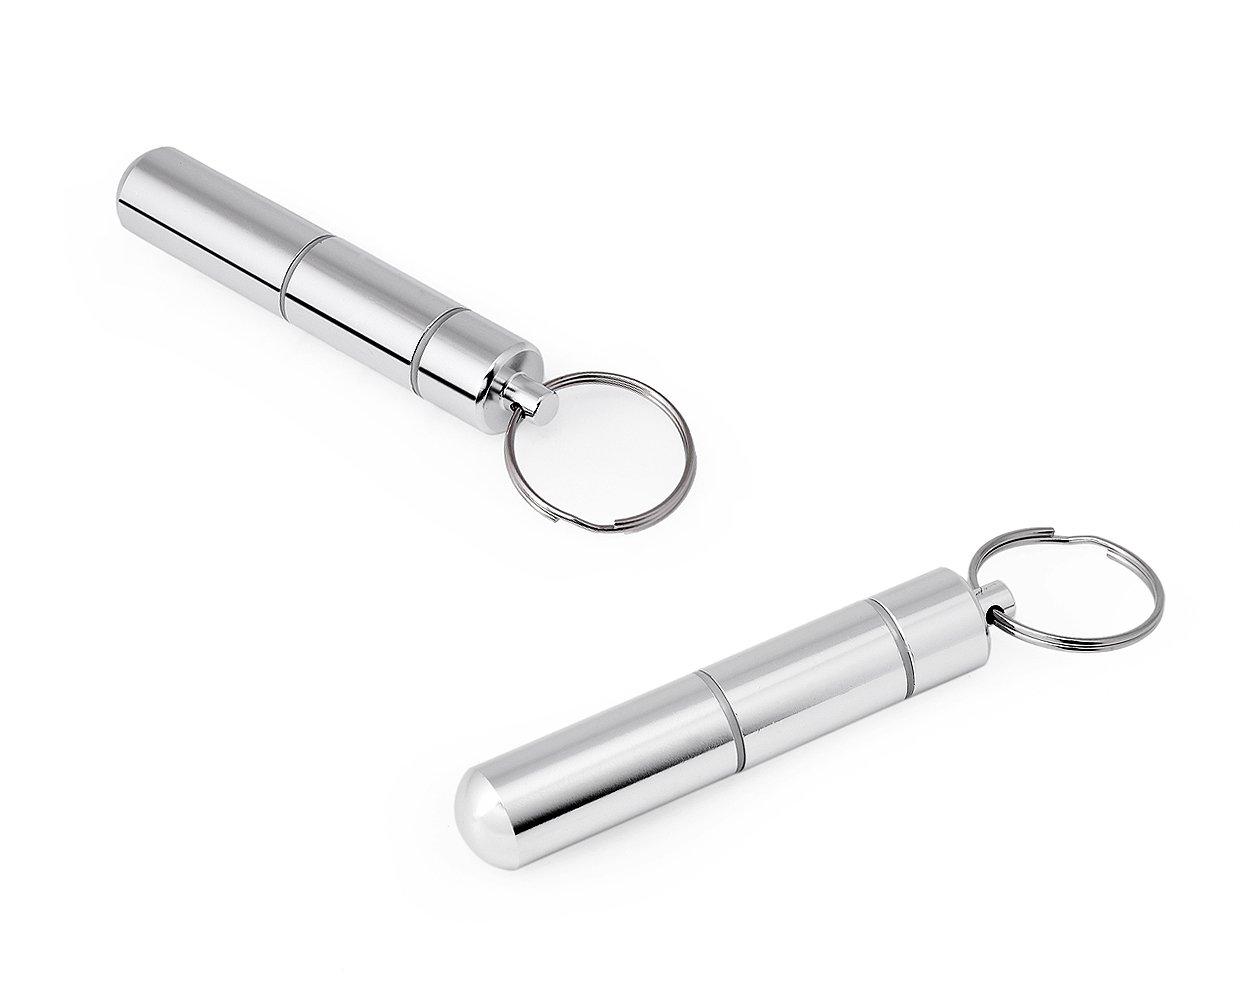 DSstyles portátil caja palillo de dientes soporte ligero tamaño de bolsillo de aleación de aluminio palillo de metal llavero–plata para regalo del día de padre